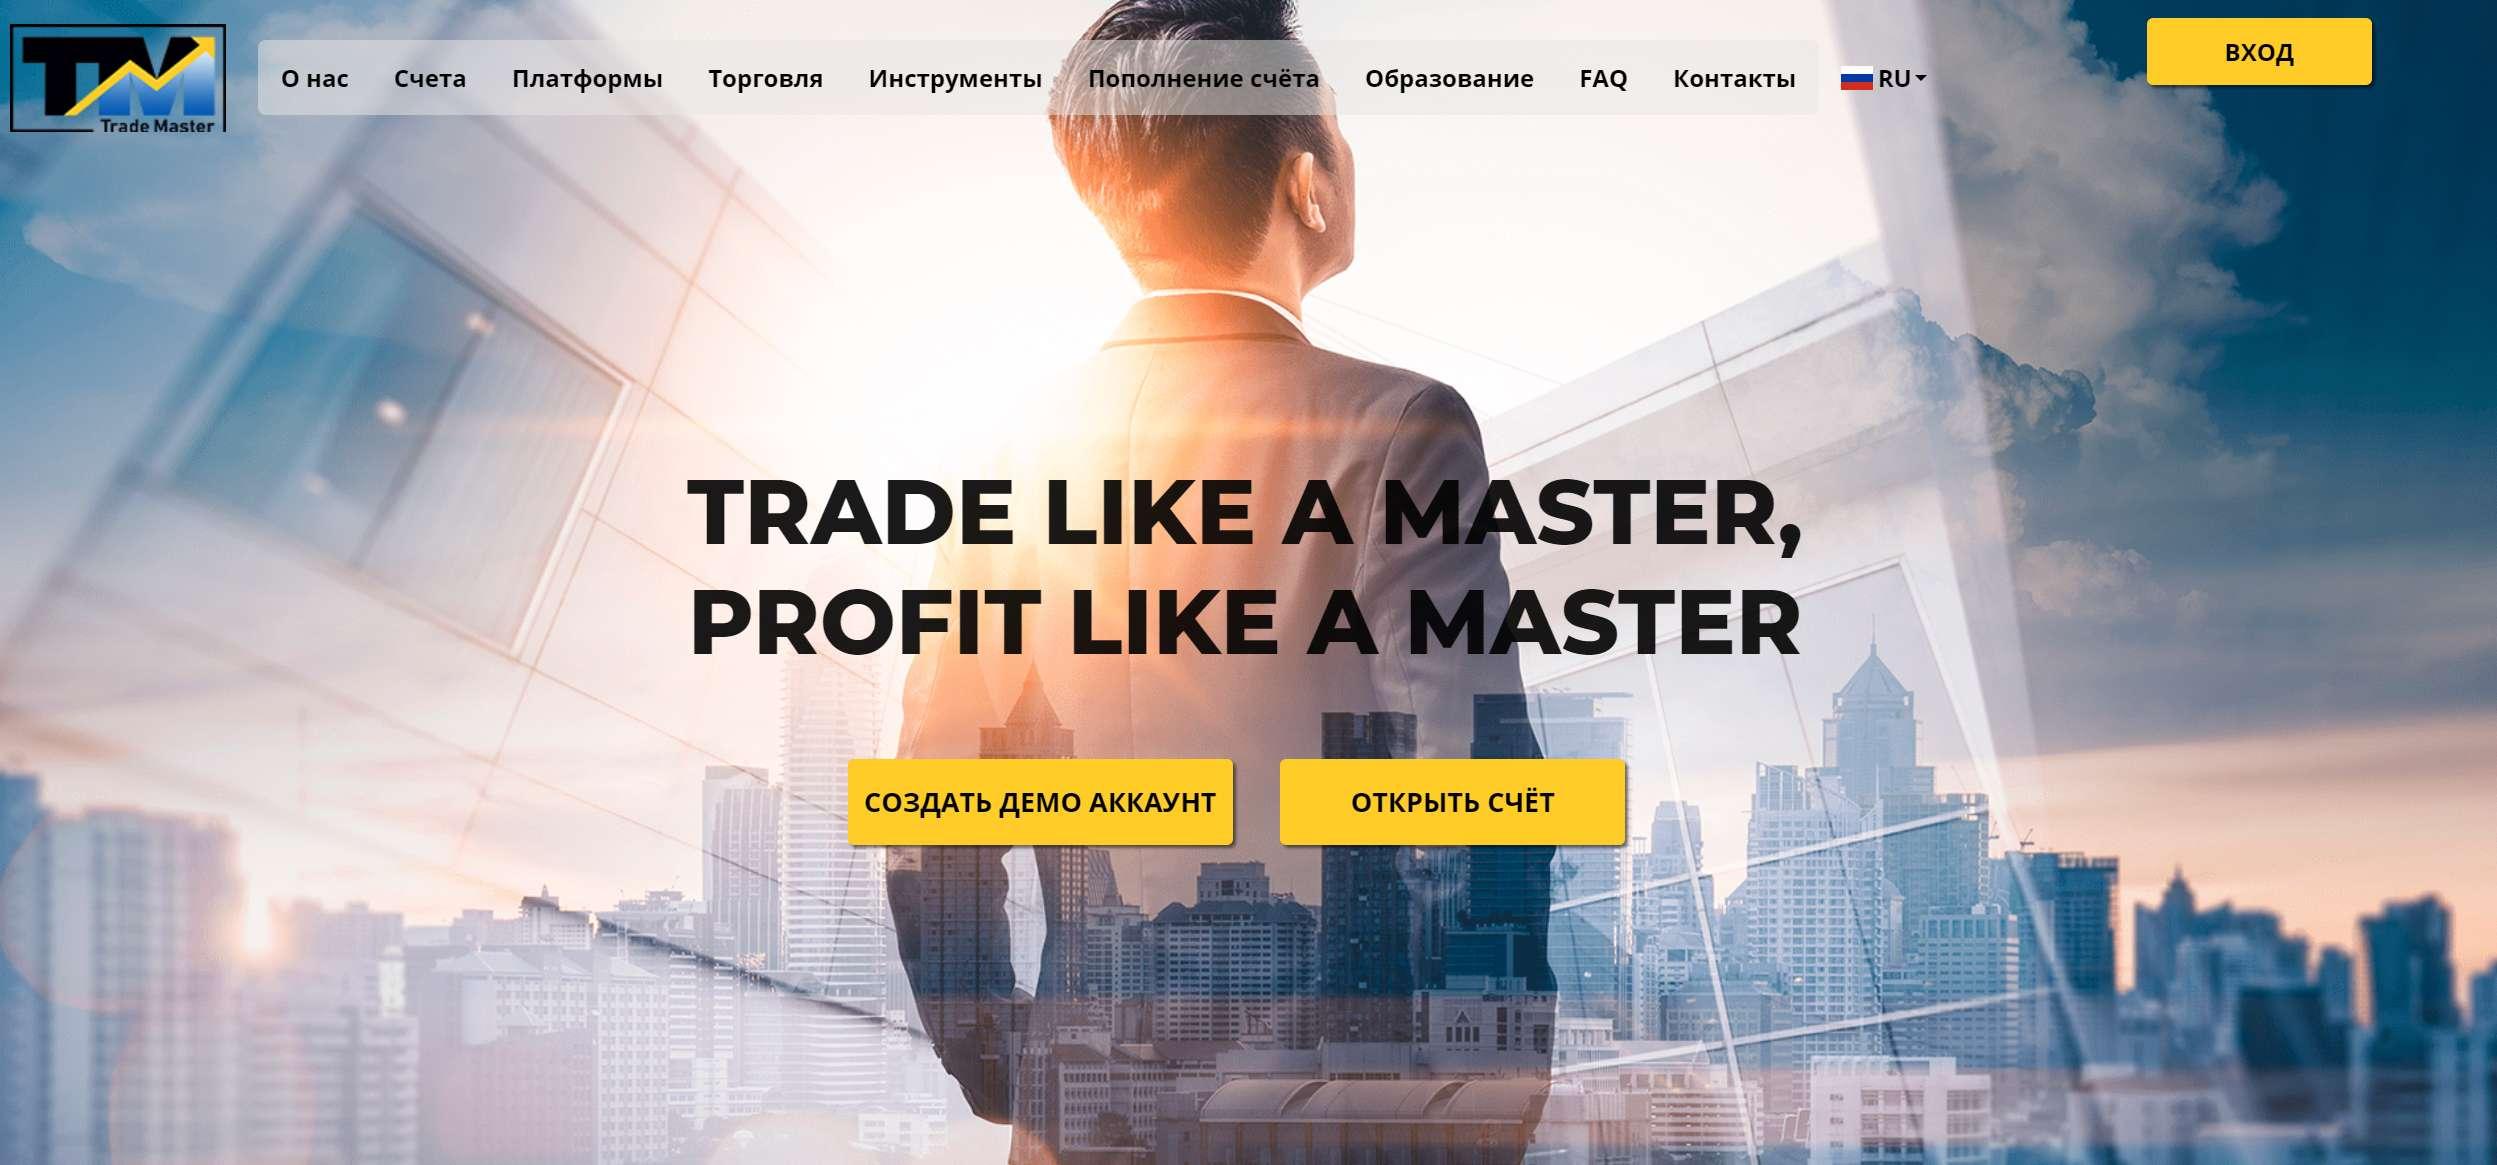 Псевдоброкер TradeMaster - отзывы и обзор псевдоброкера